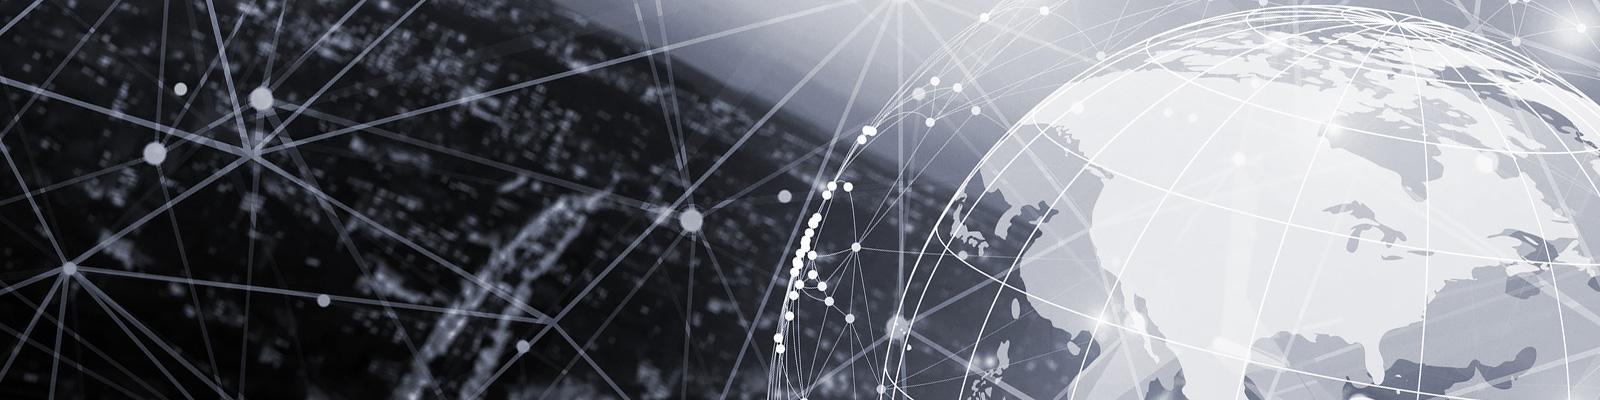 世界 都市 ネットワーク イメージ